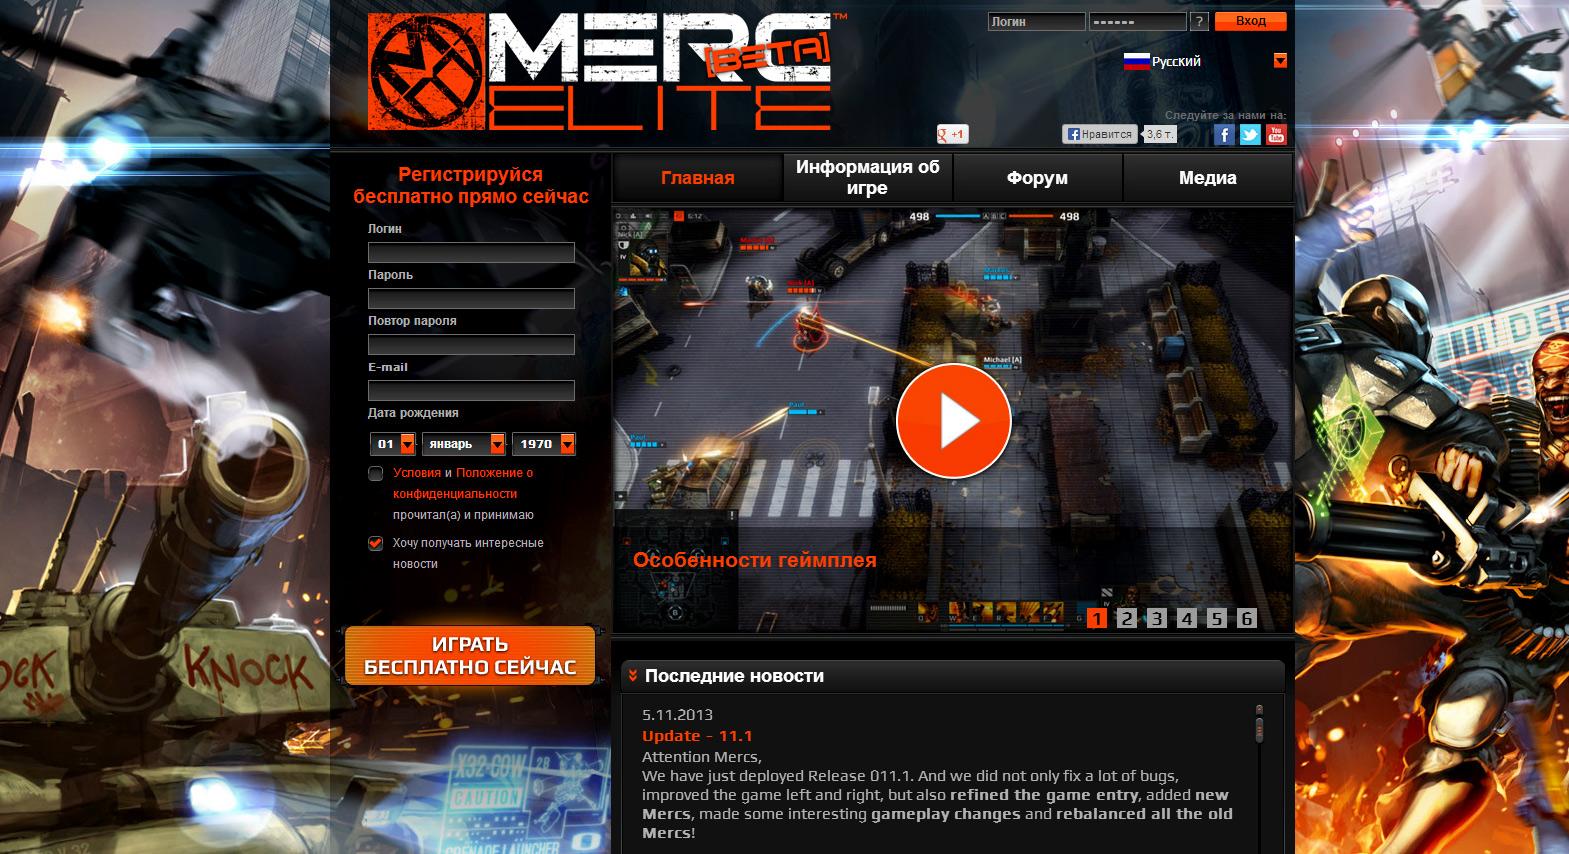 worldfungames.ru_Merc-Elite_01